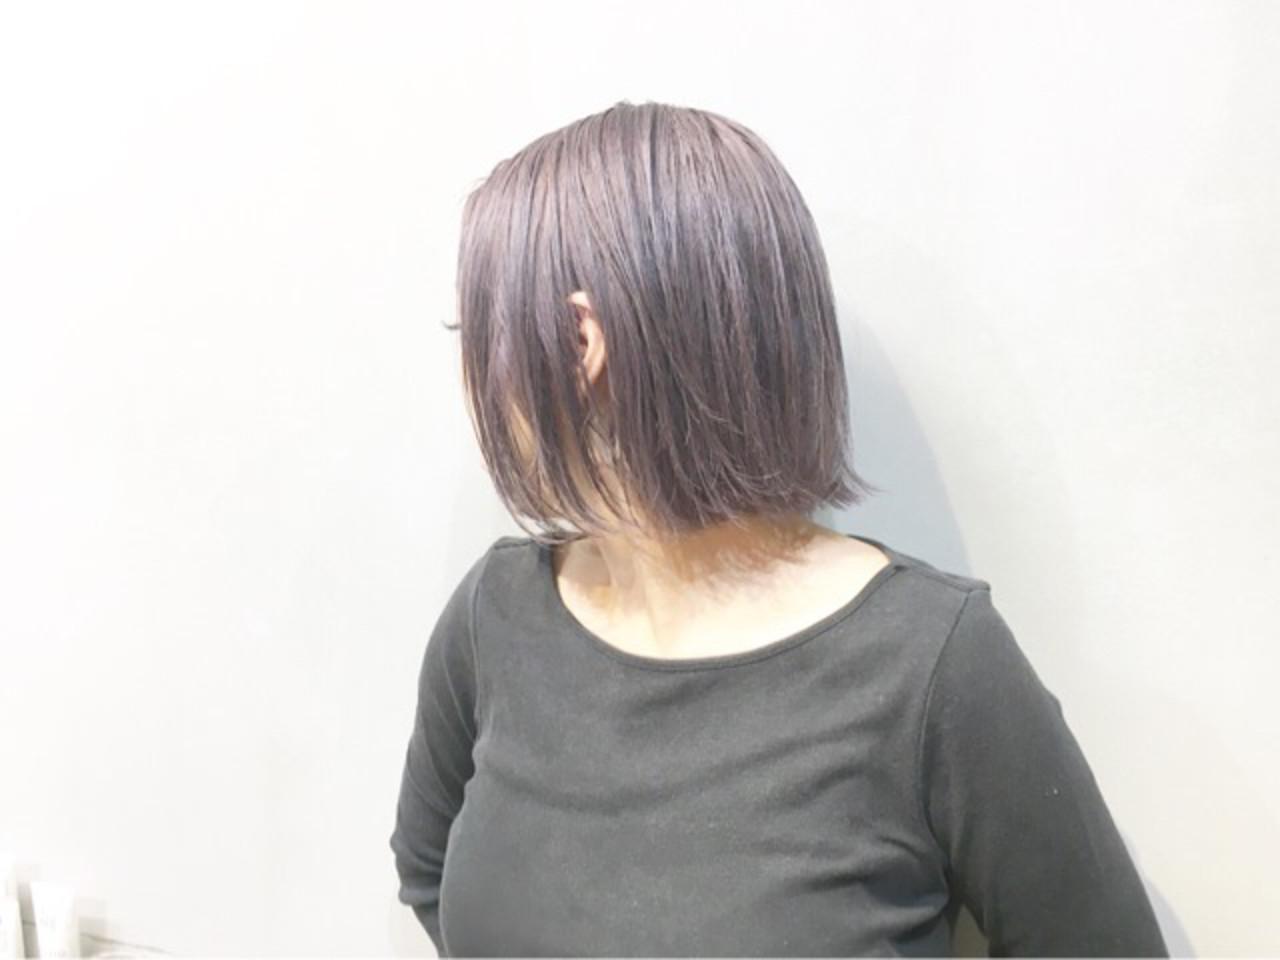 ピンクラベンダー ラベンダーピンク ラベンダー ラベンダーアッシュヘアスタイルや髪型の写真・画像